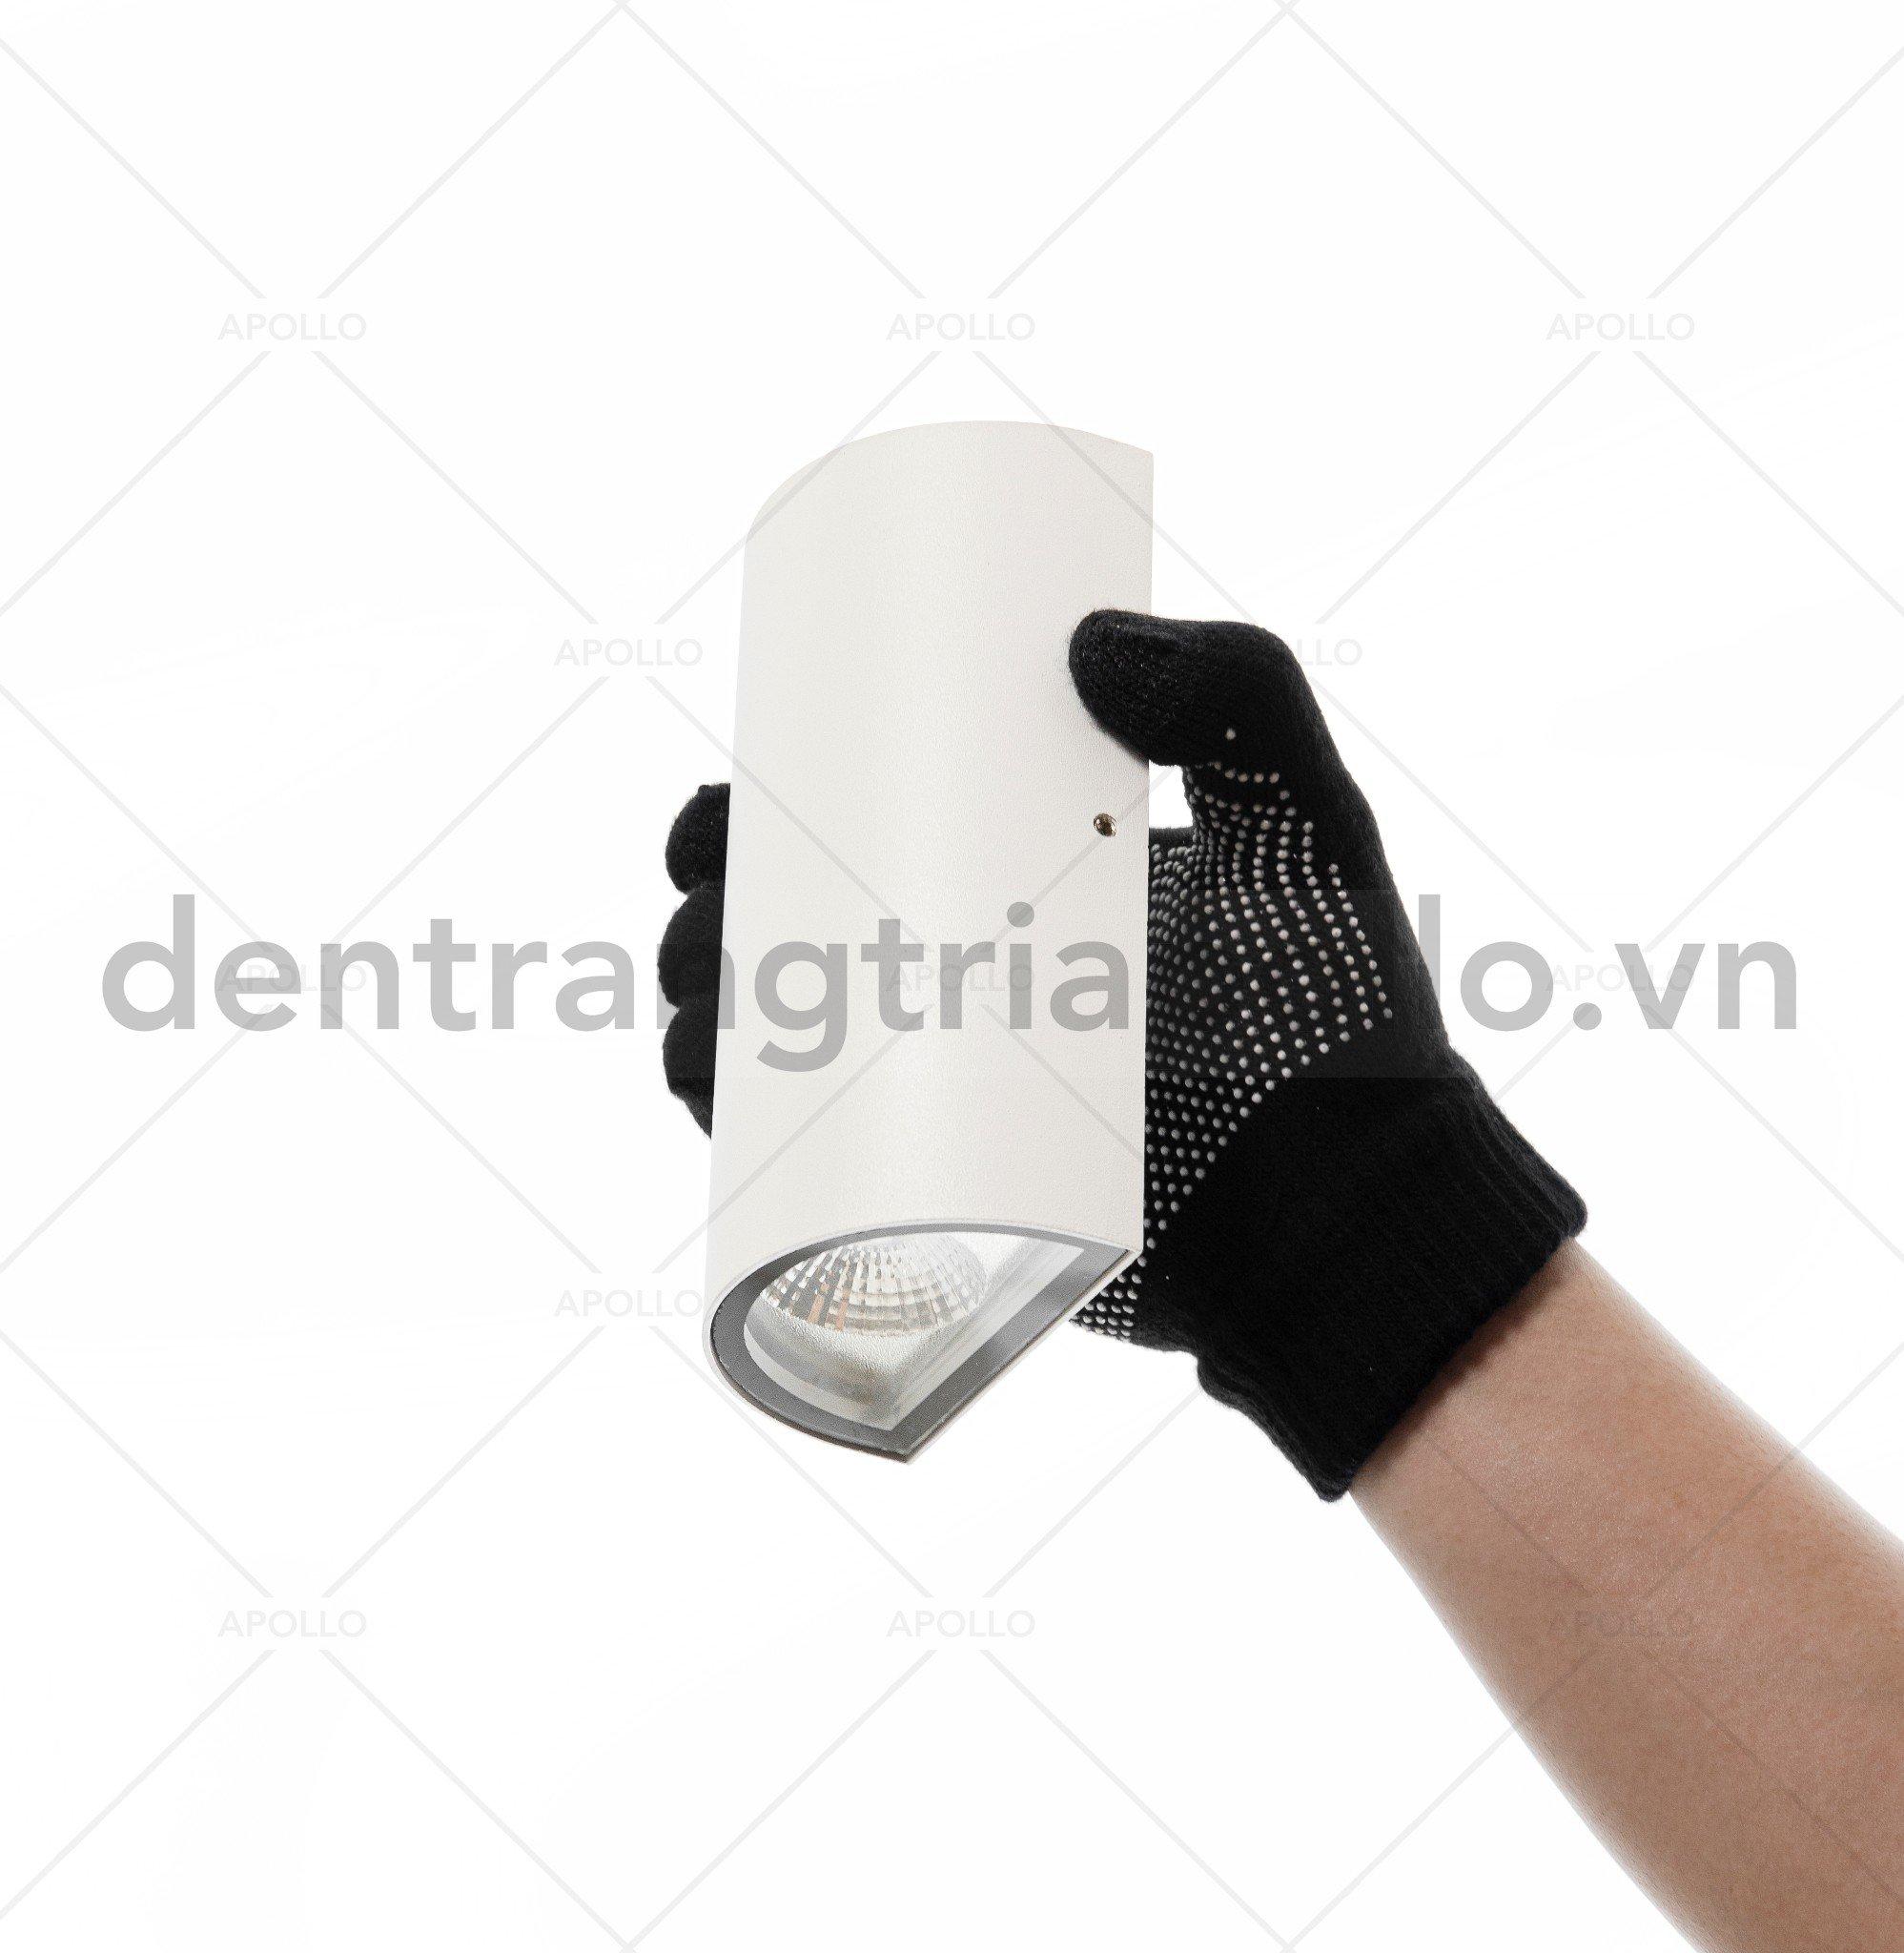 đèn tường hiện đại chống nước